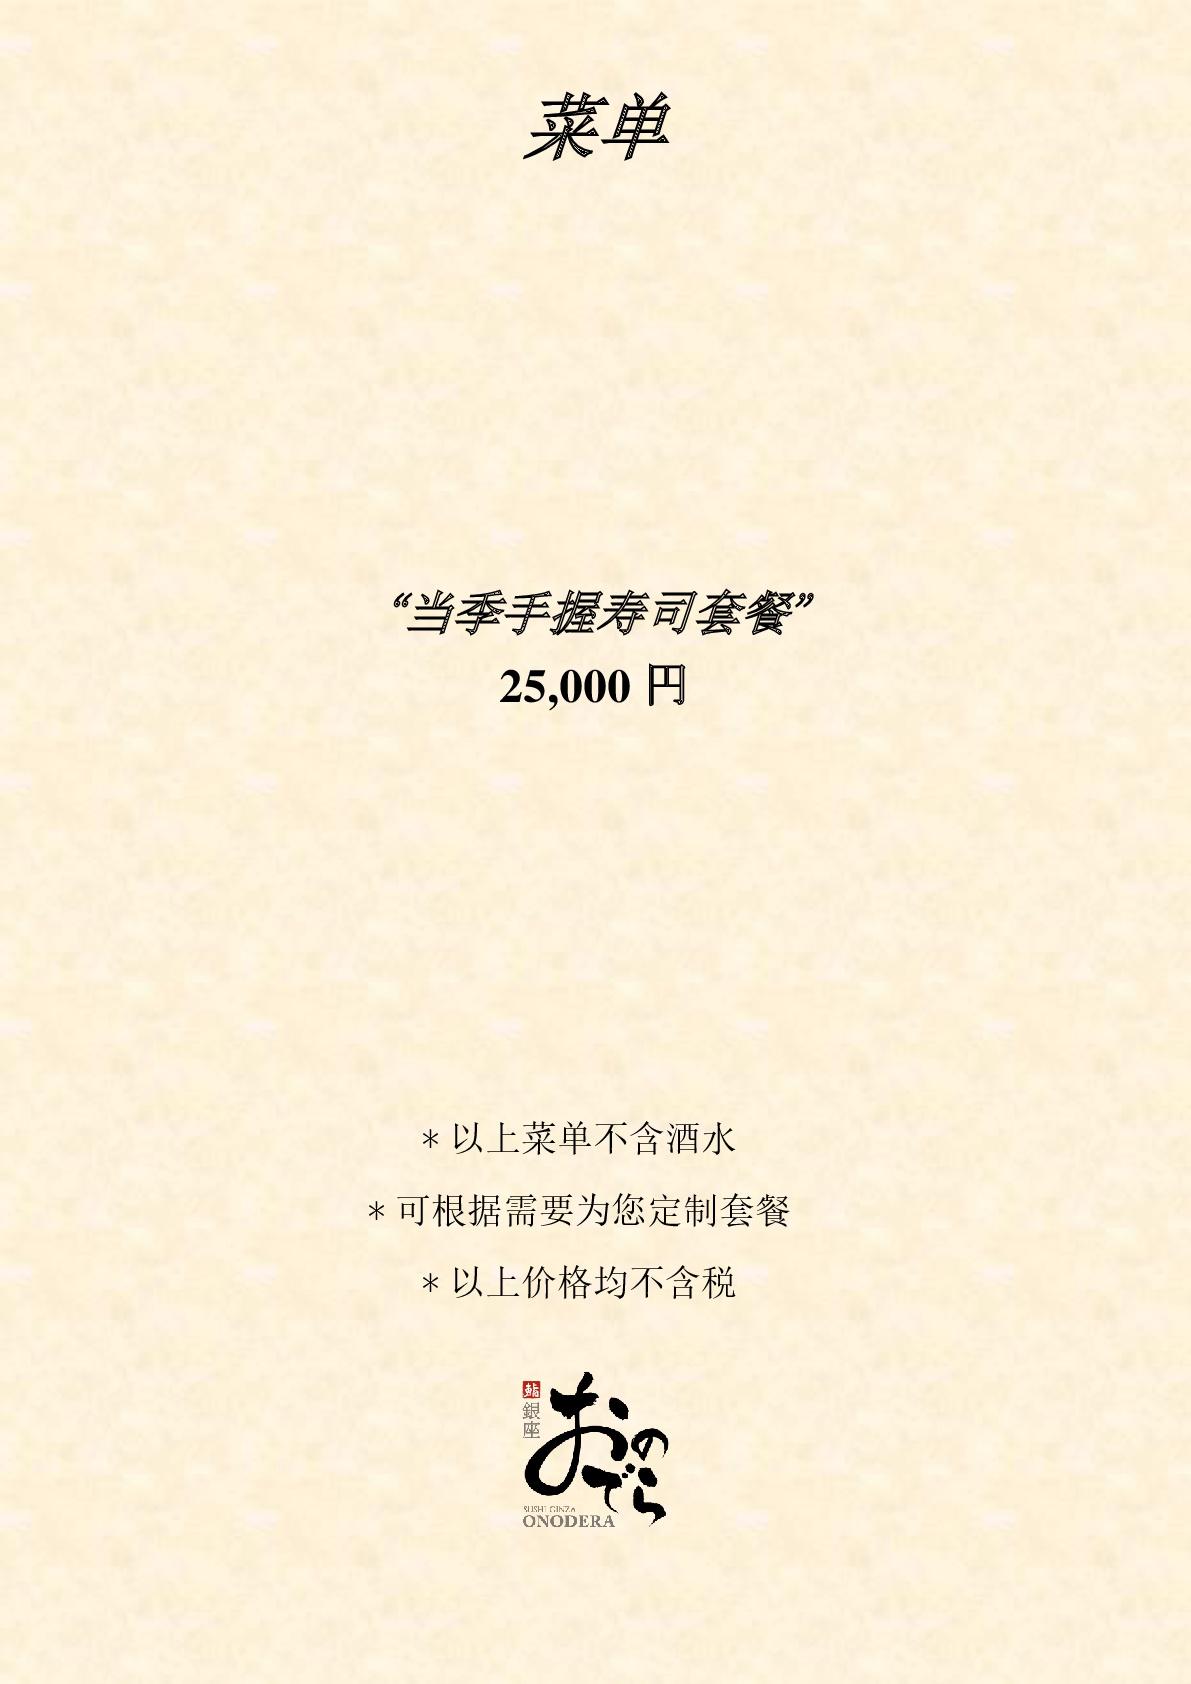 鮨 [銀座店] ディナーメニュー1